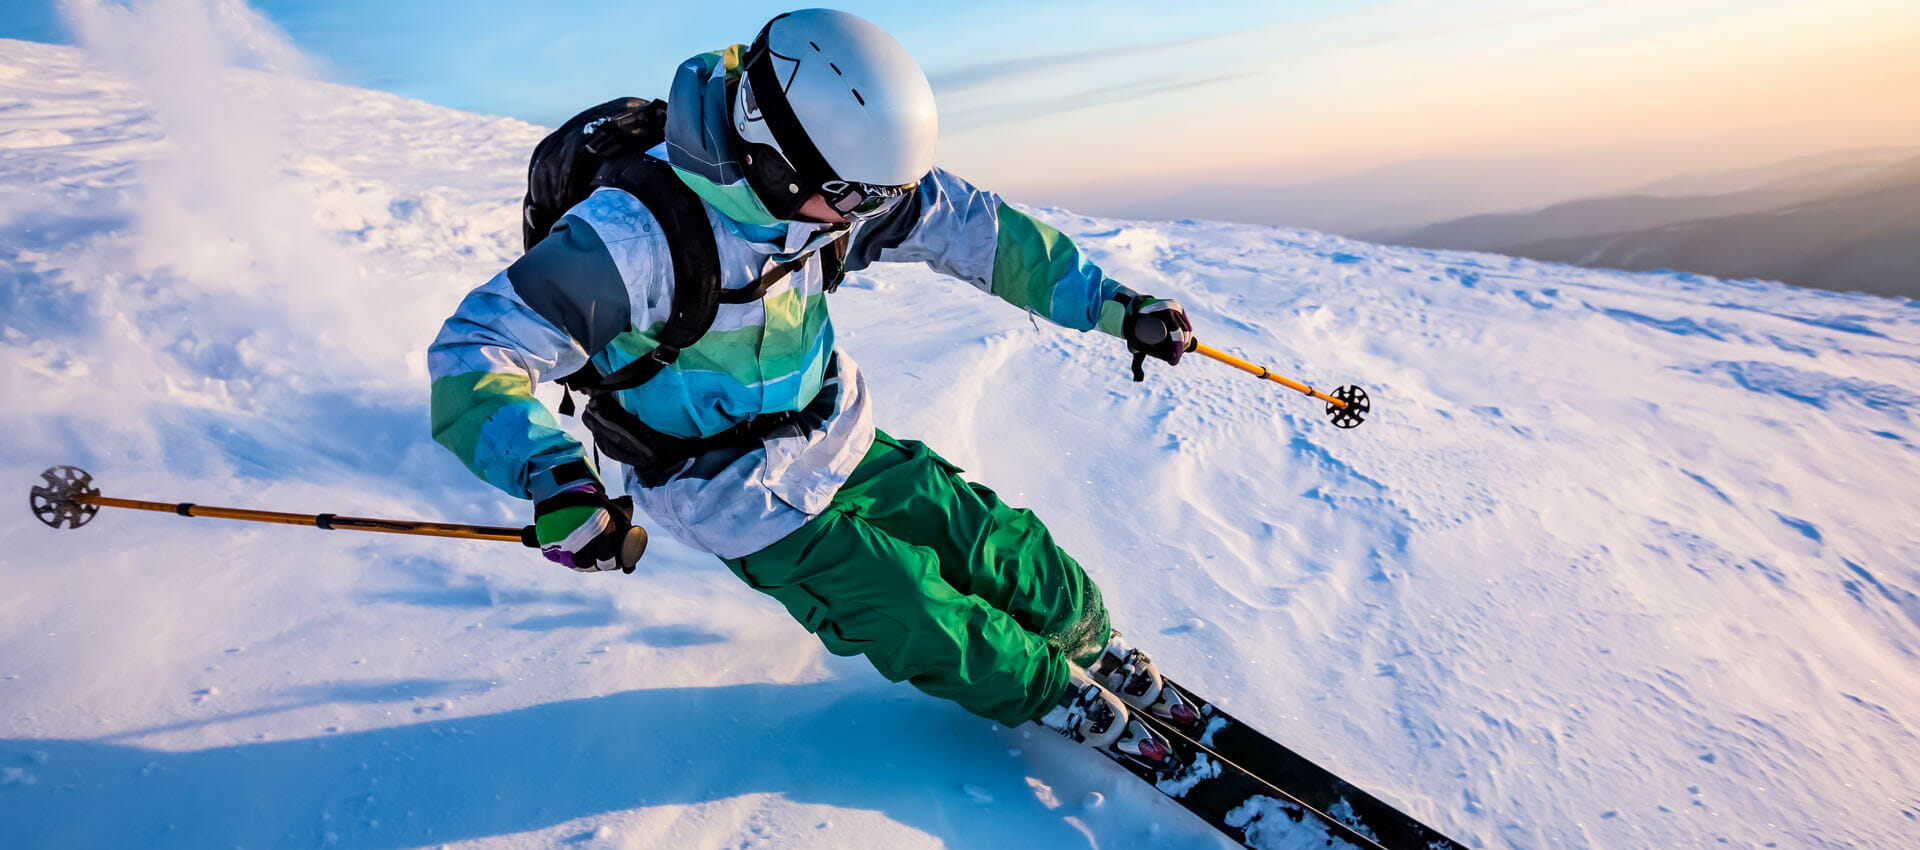 beneficios de esquiar